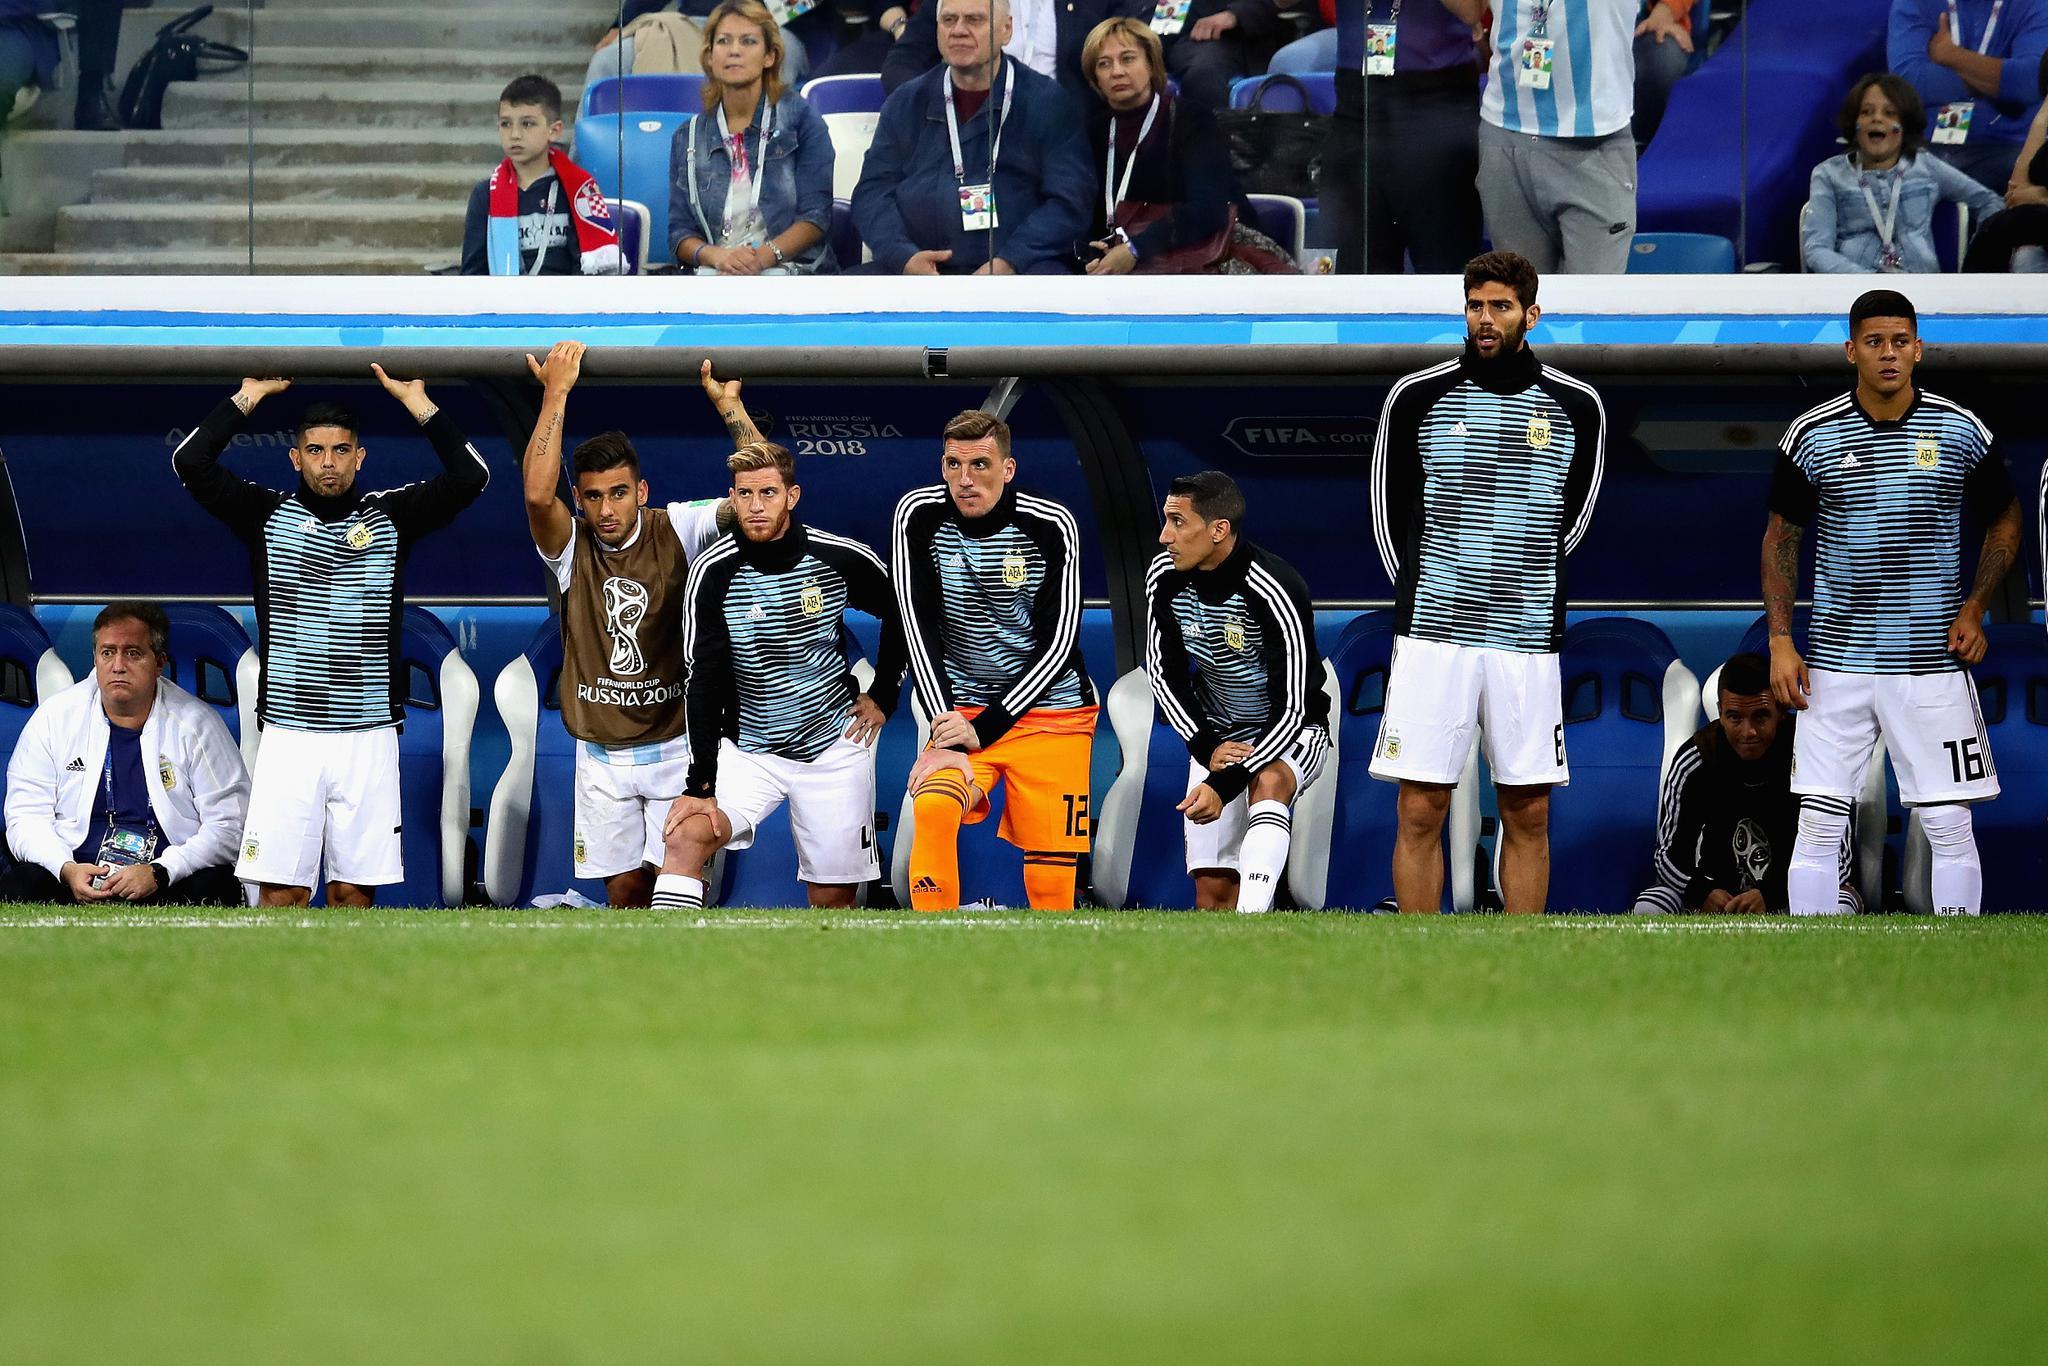 世界杯网站_博狗娱乐官方网址:梅西世界杯后将退出国家队?阿根廷可能面临改朝换代